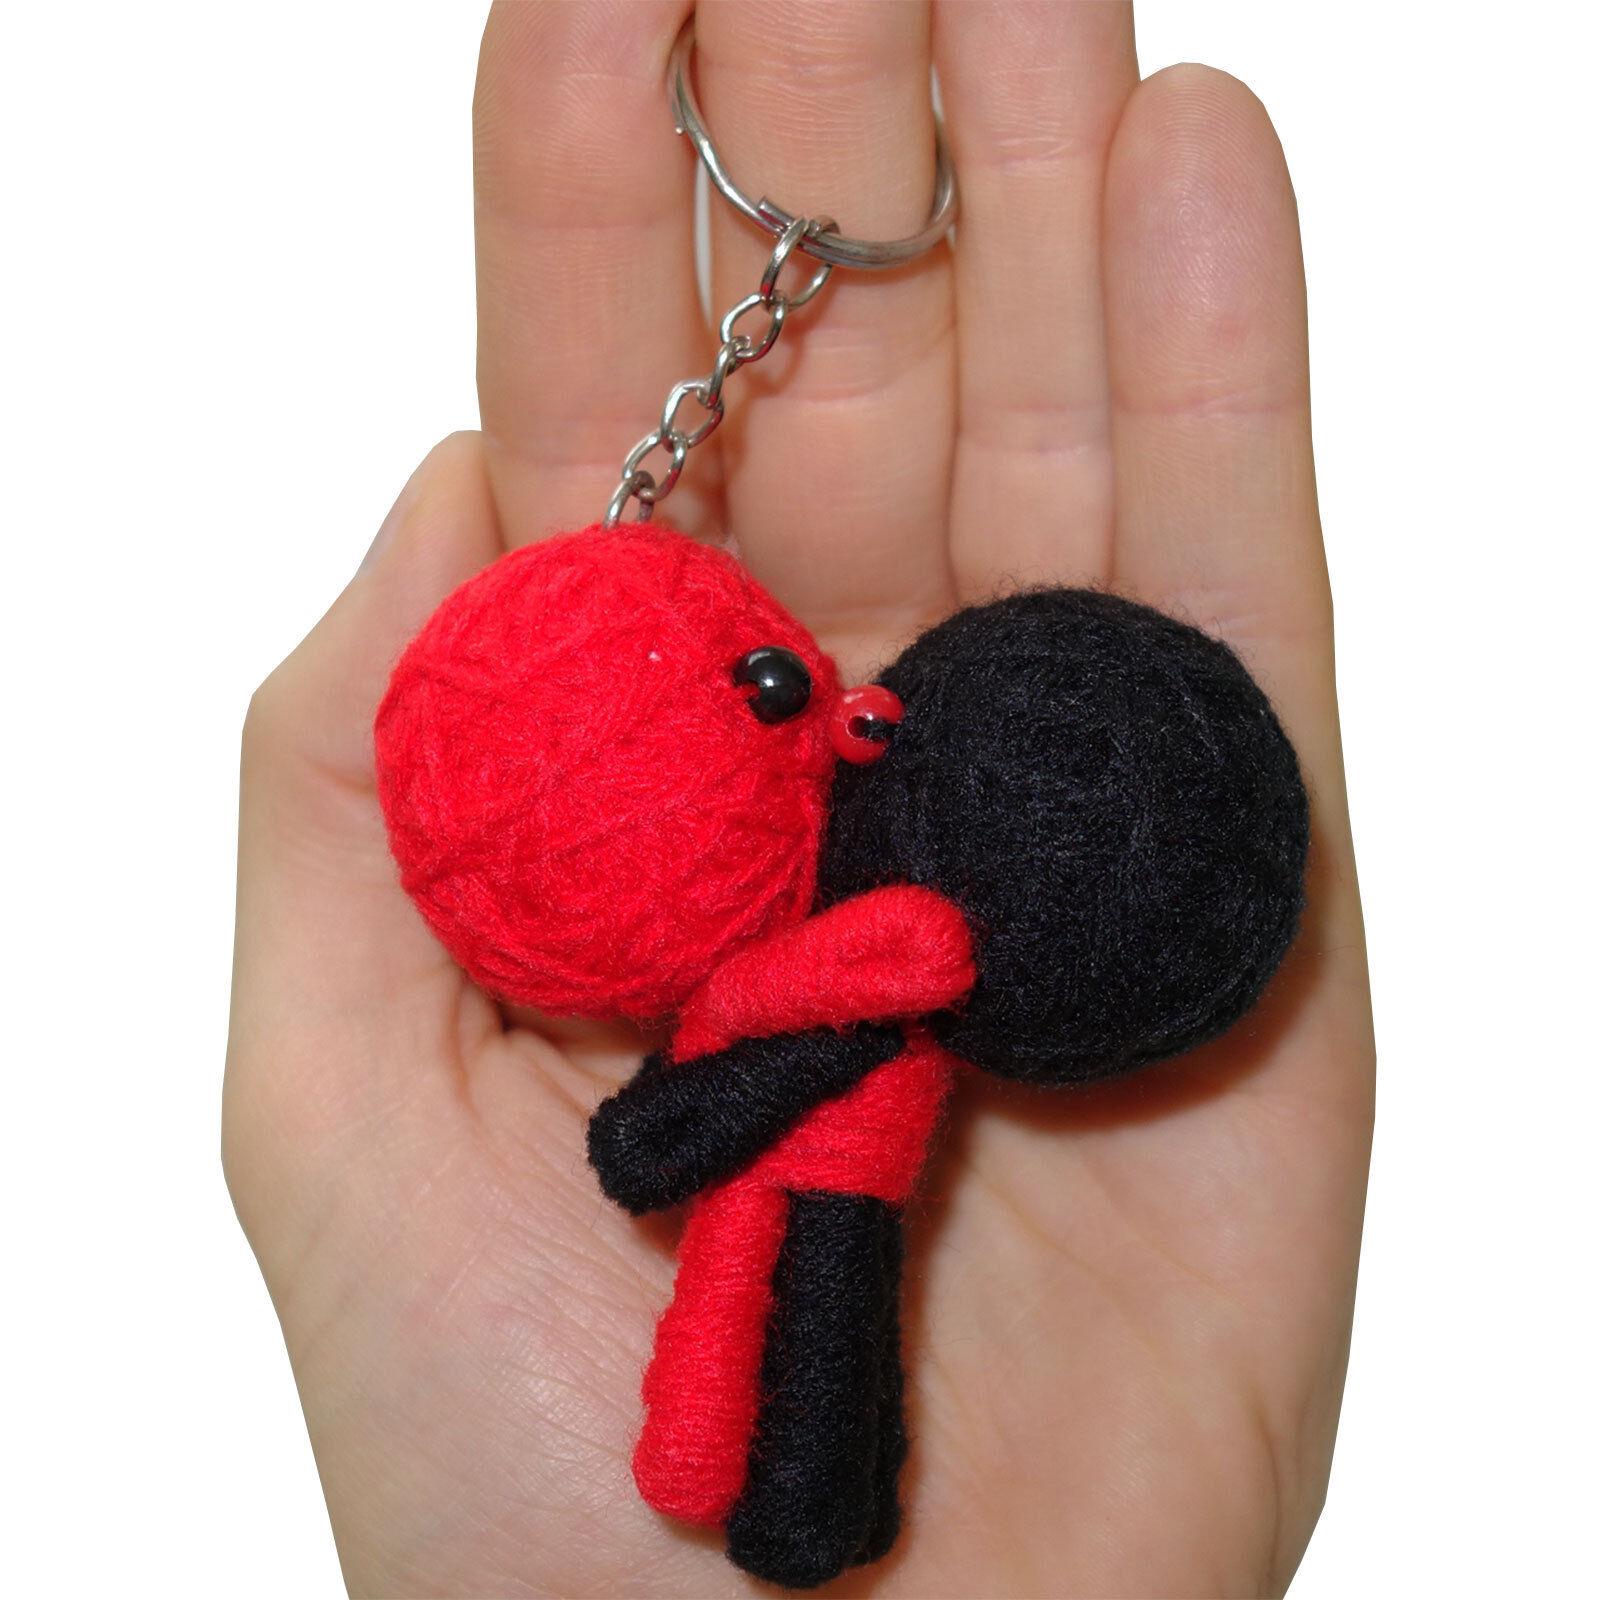 2 X Día de San Valentín Romántico Romance Pareja Voodoo Doll Llavero Llaveros presenta